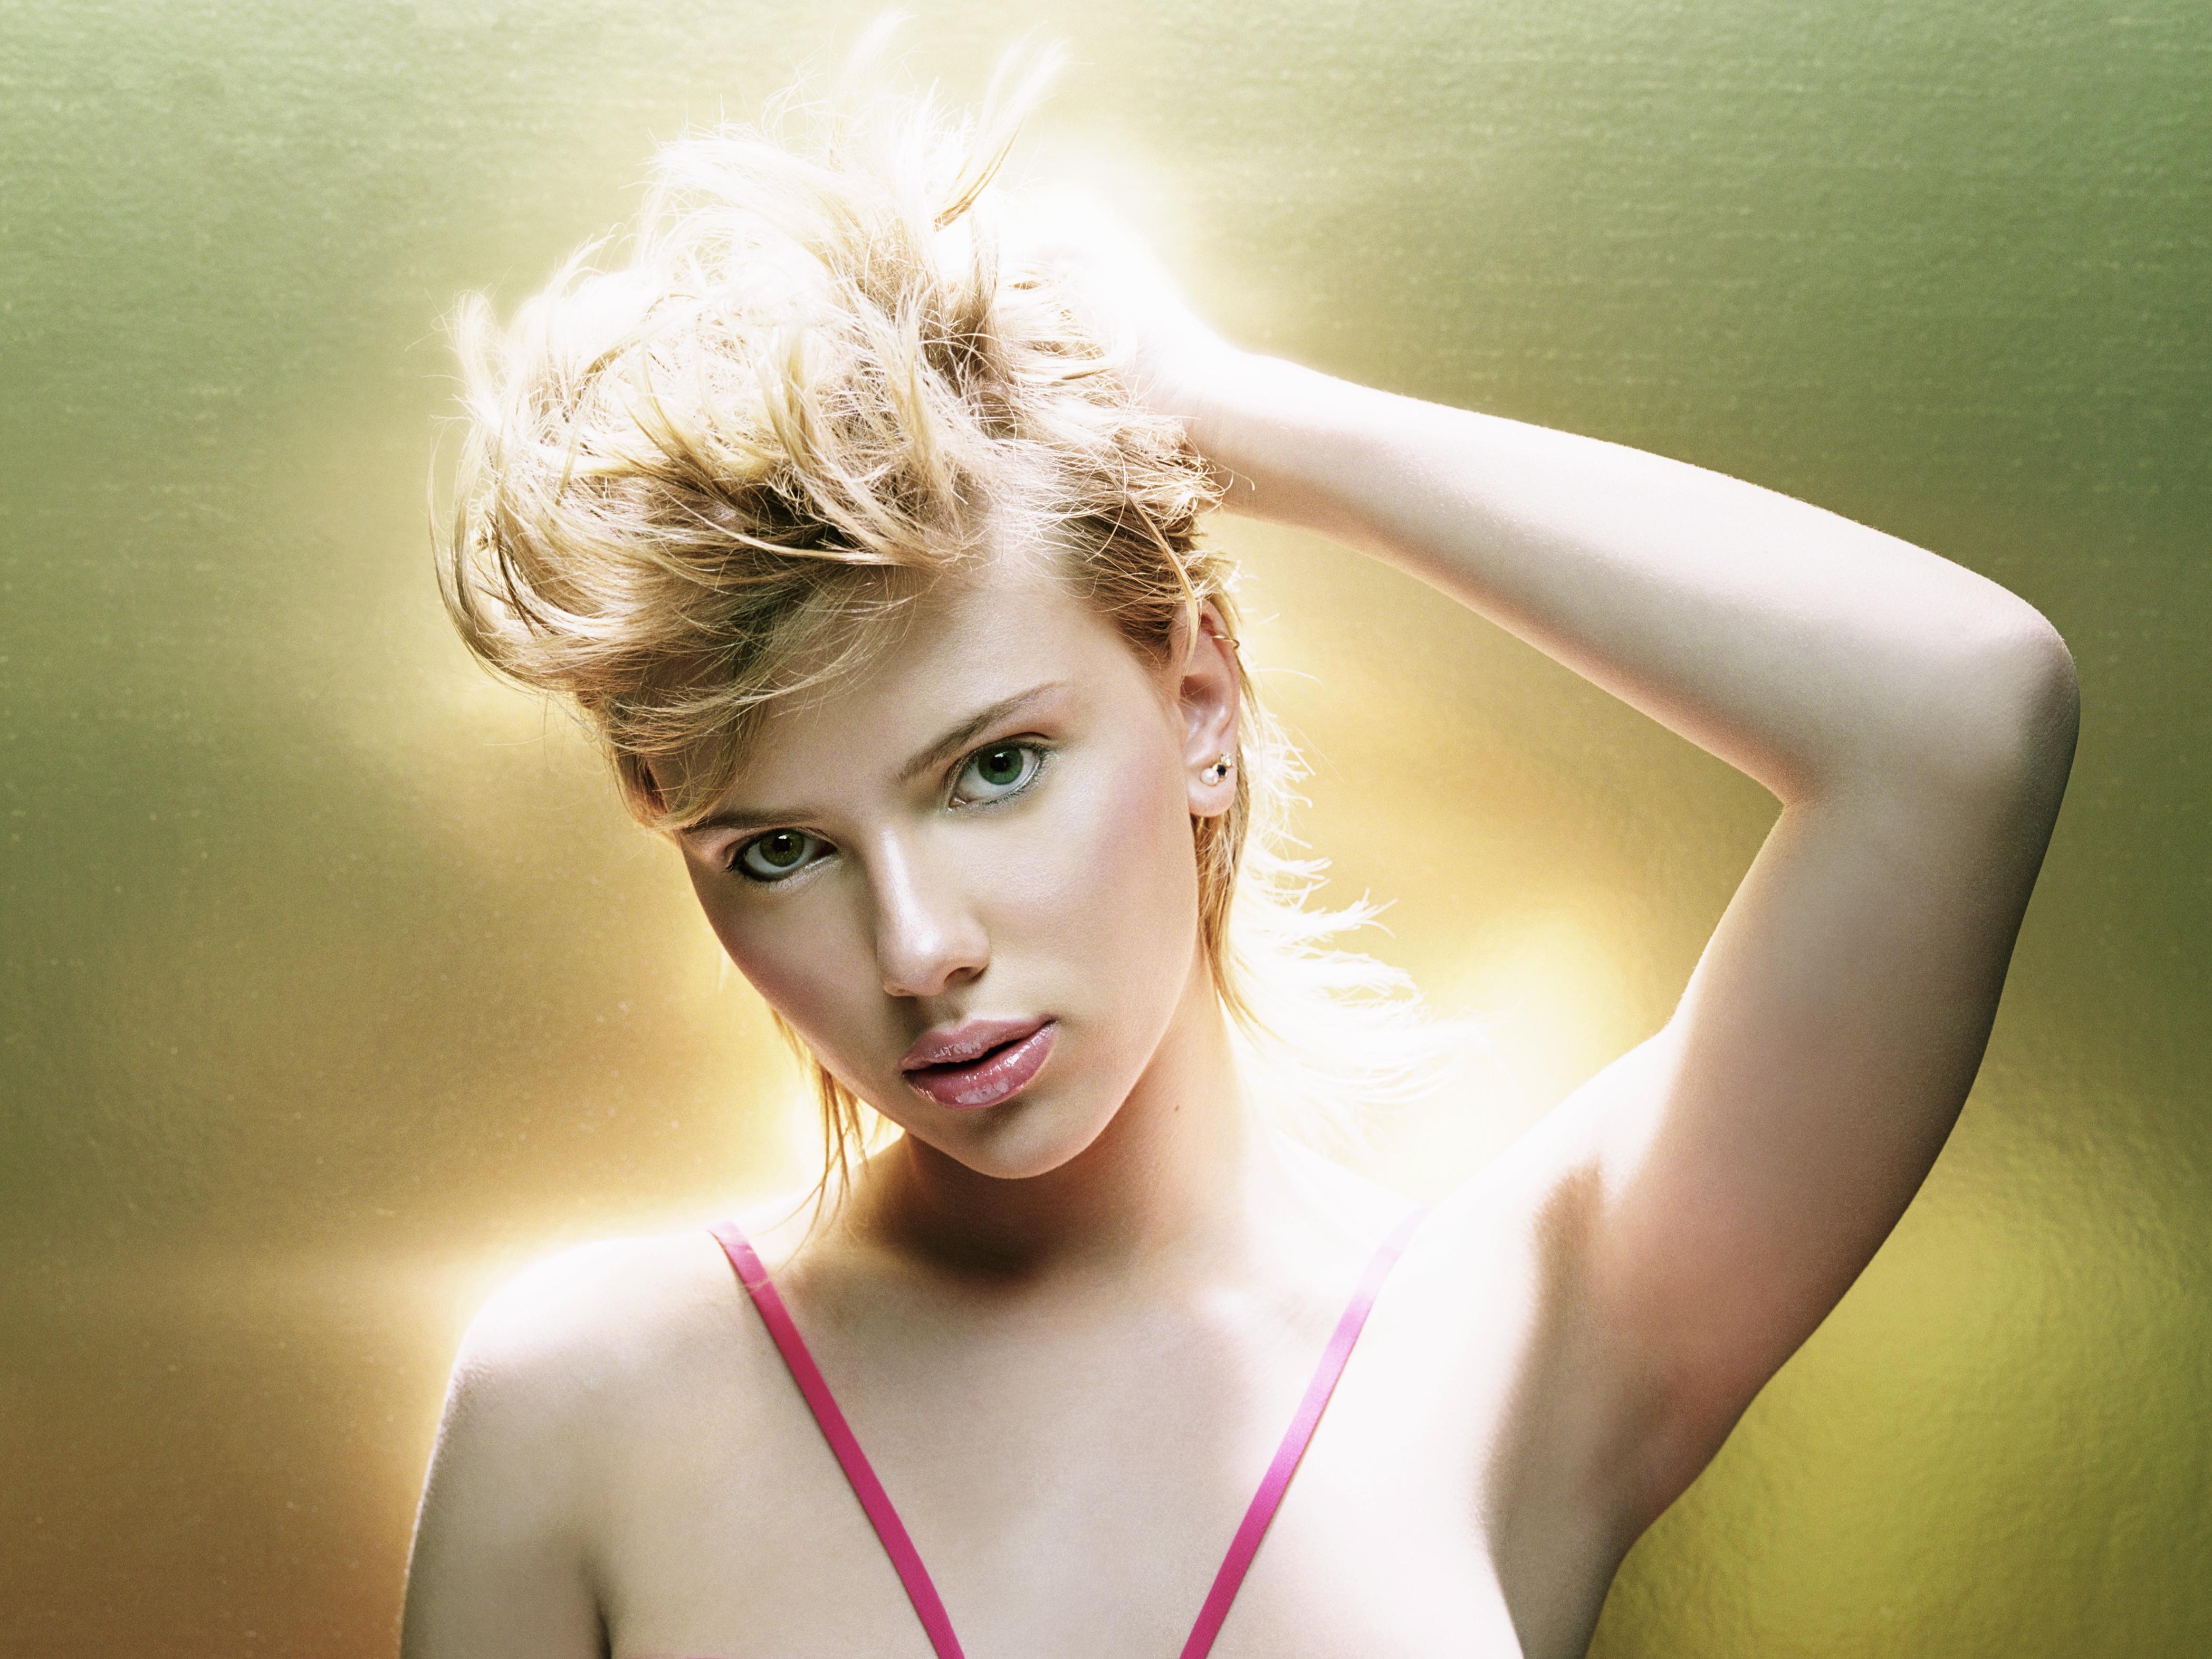 Scarlett Johansson 4k Ultra HD Wallpaper | Background ...